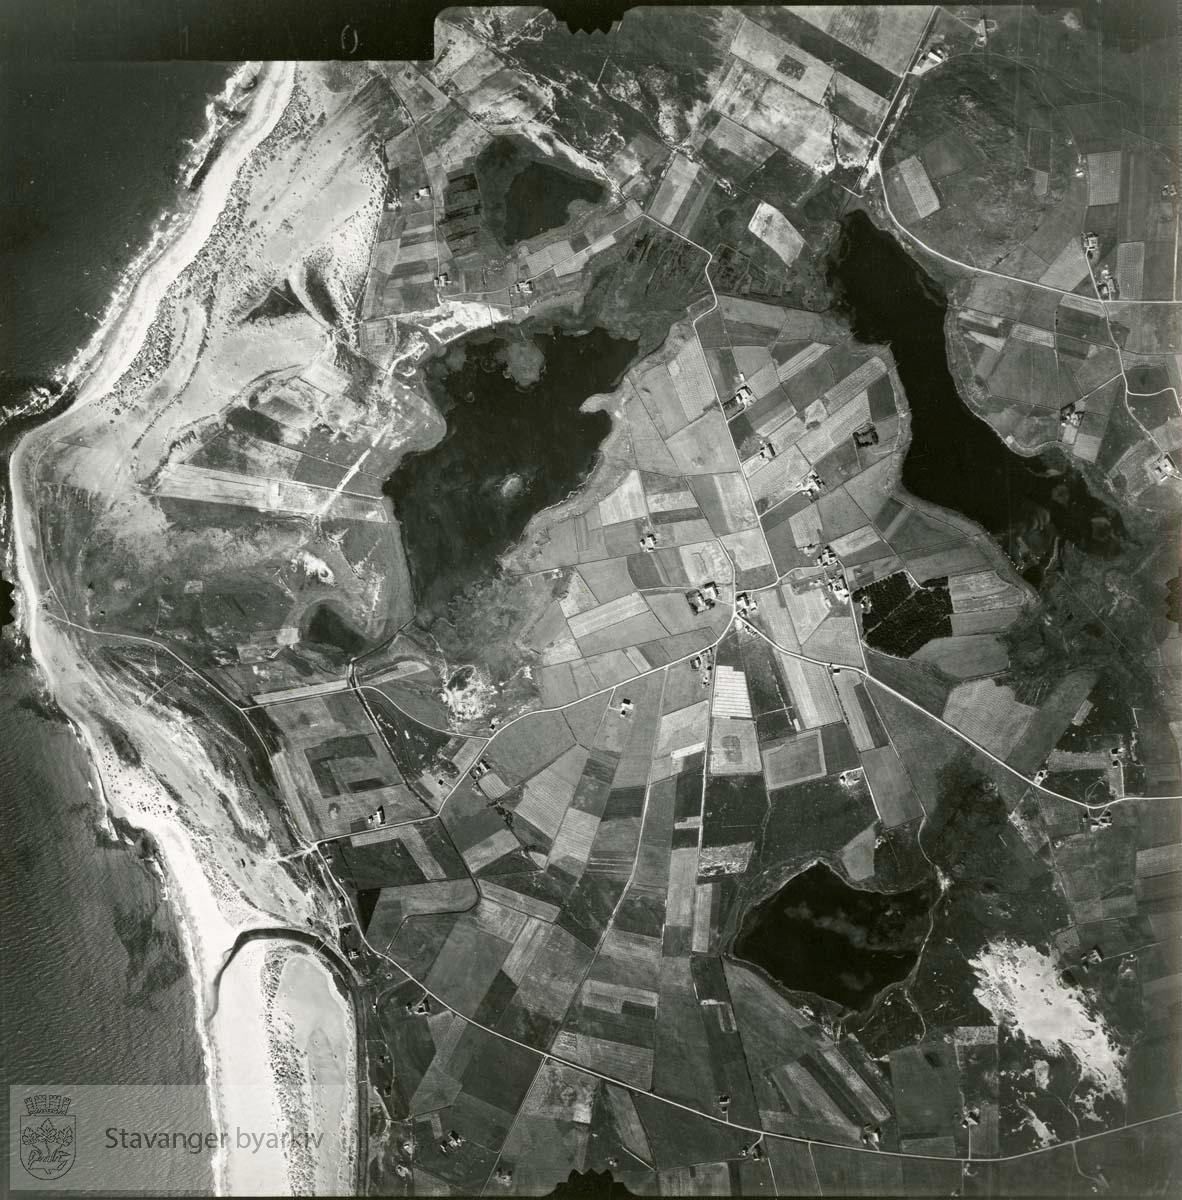 Jfr. kart/fotoplan A(III) 13/310..Borestranda og Selestranda, Sele..Se ByStW_Uca_002 (kan lastes ned under fanen for kart på Stavangerbilder)